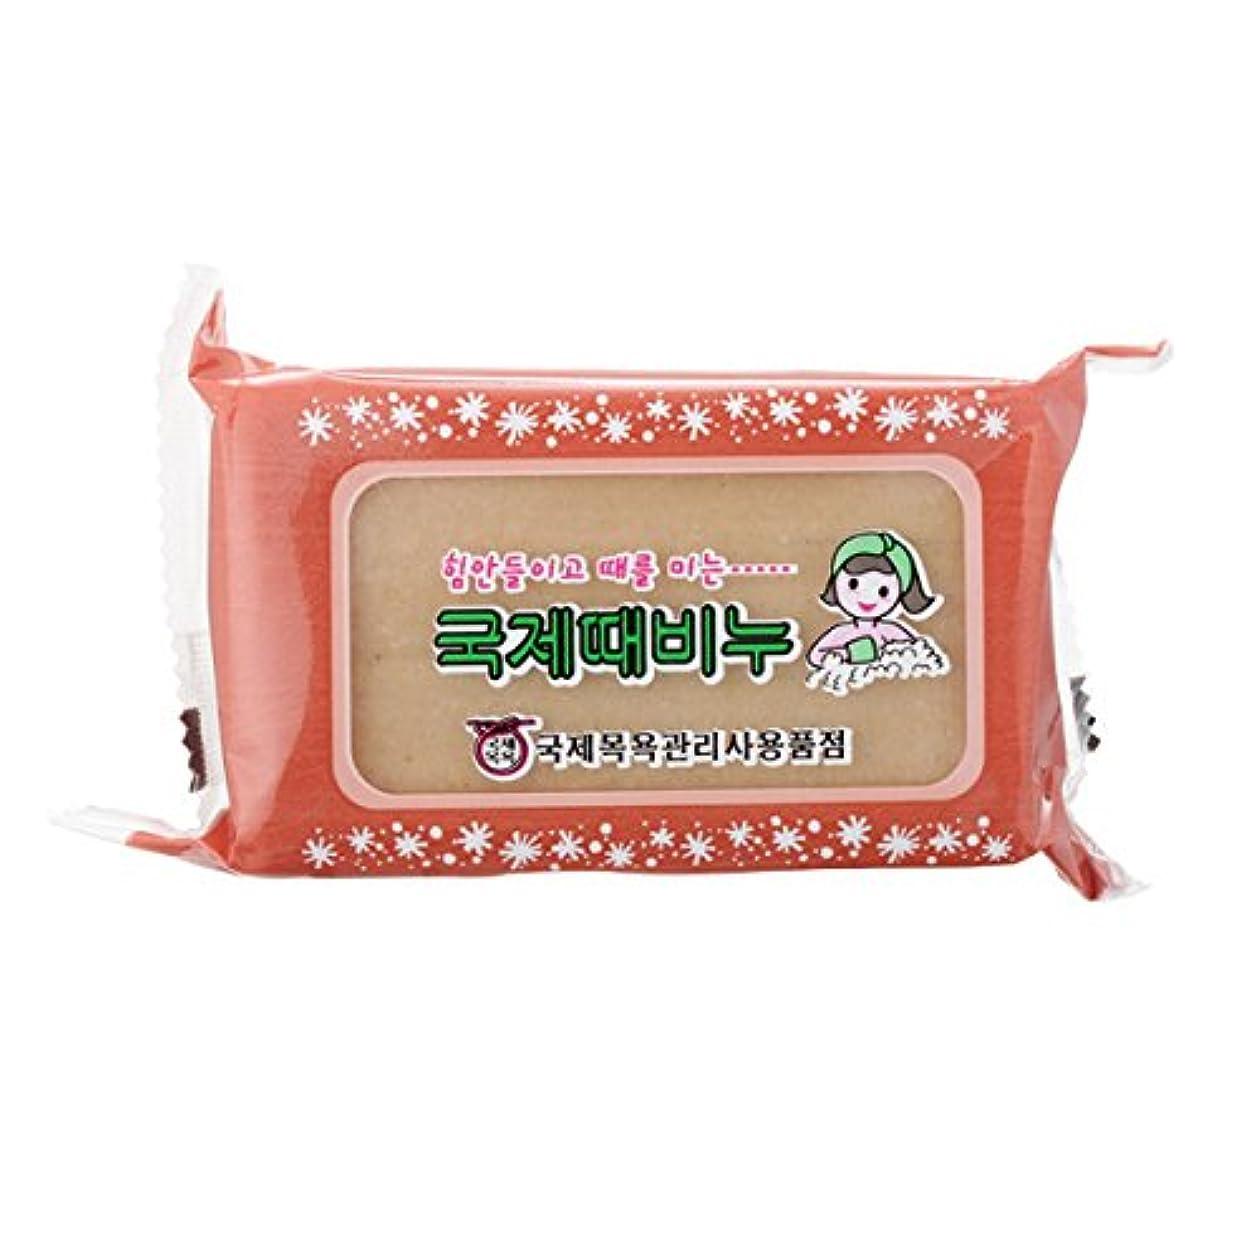 アカスリ用石鹸 3個単位 [ アカスリ石けん あかすり石鹸 あかすり石けん 垢すり 業務用 ]◆